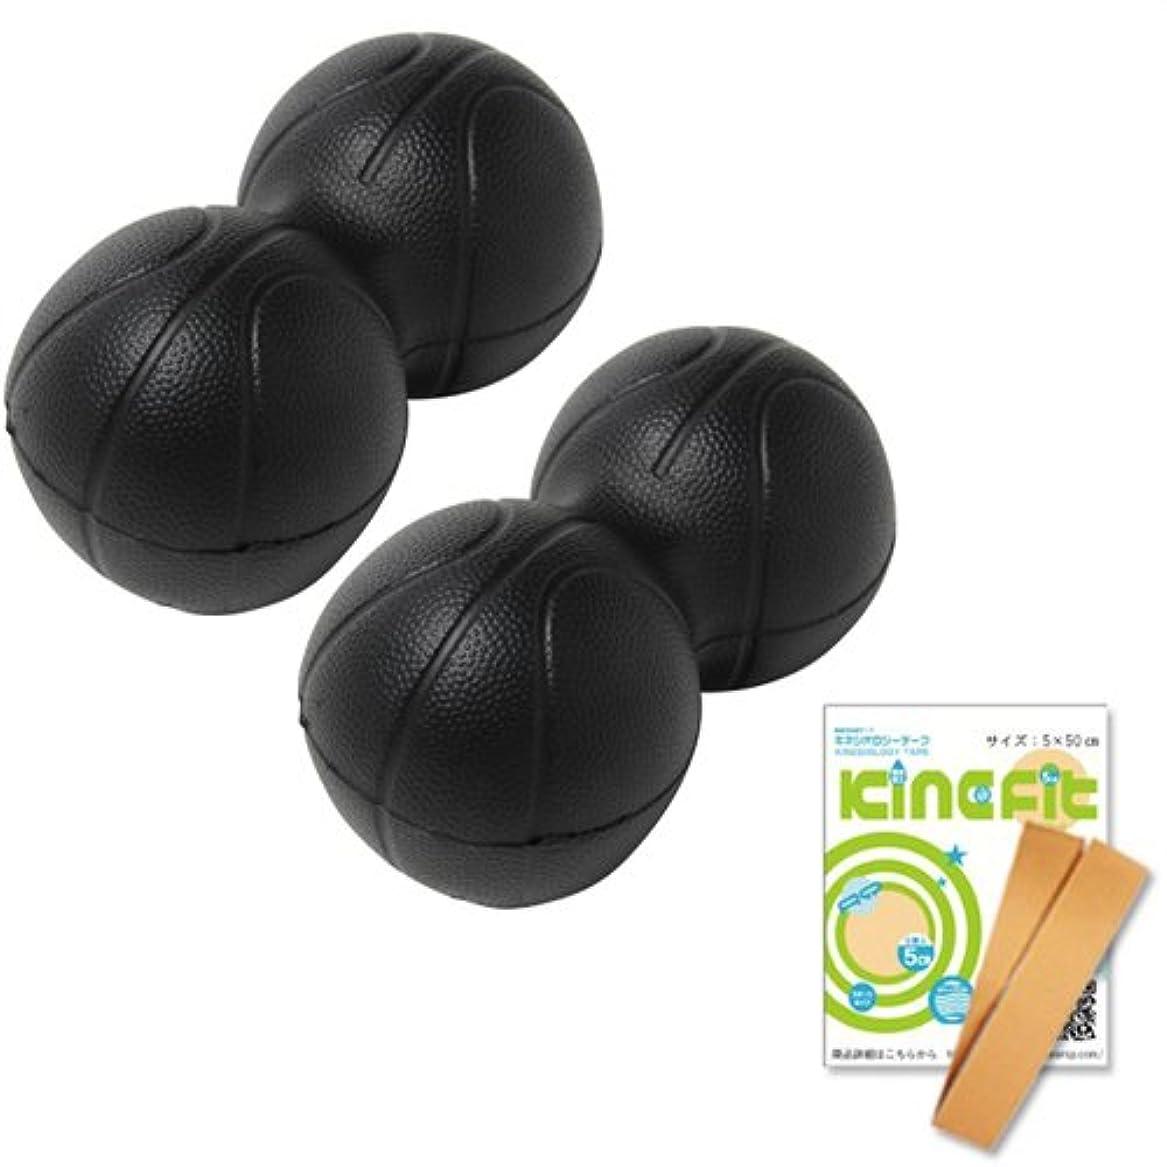 スラッシュ無法者深くパワーポジションボール ×2個セット + キネシオロジーテープ キネフィットお試し用50cm セット